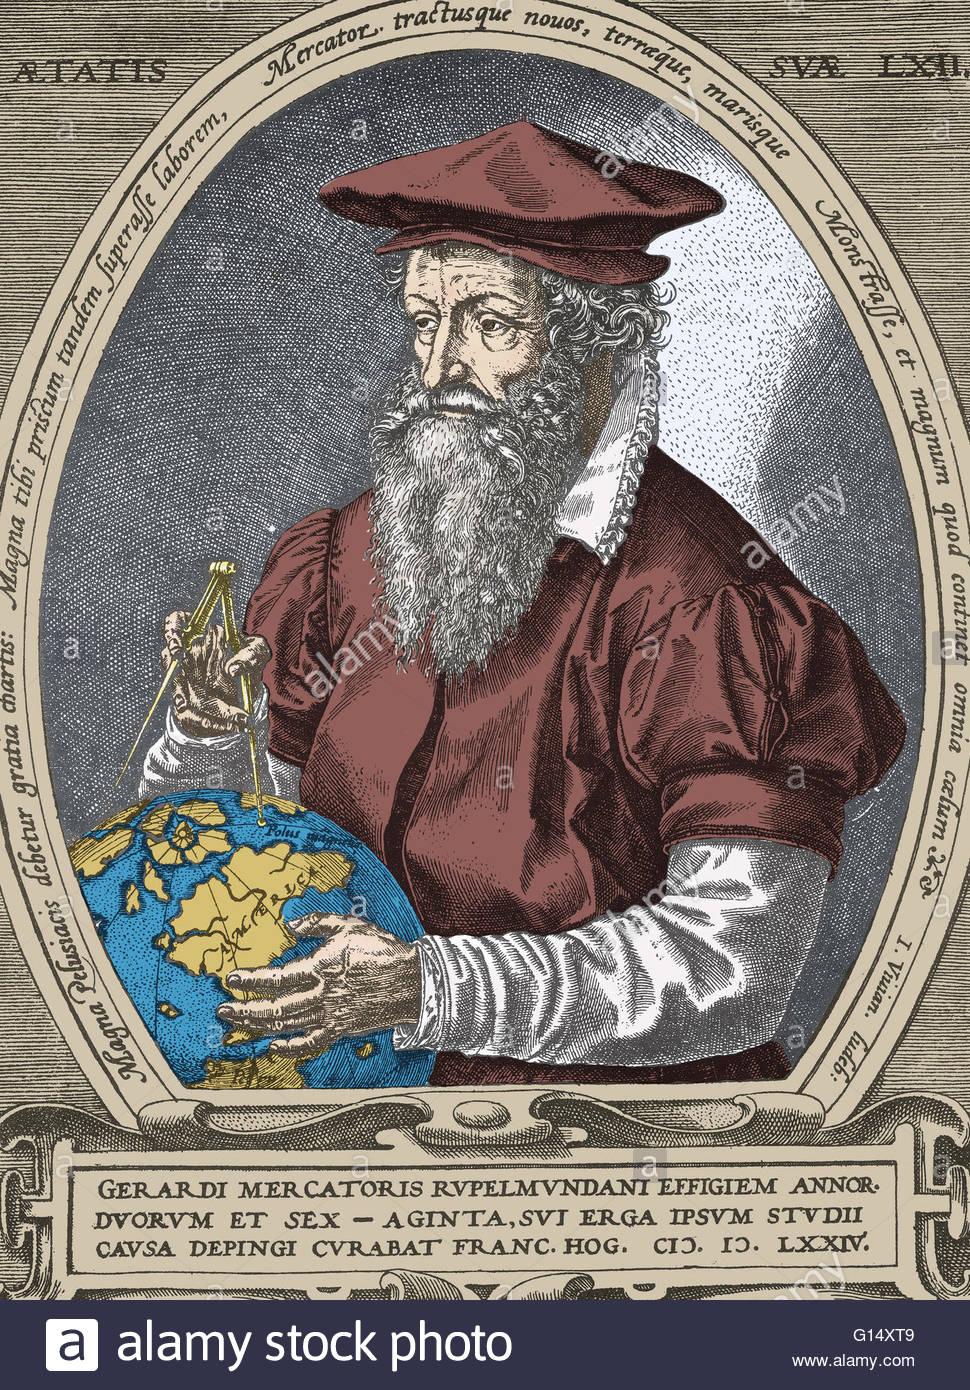 Gerardus Mercator (1512.